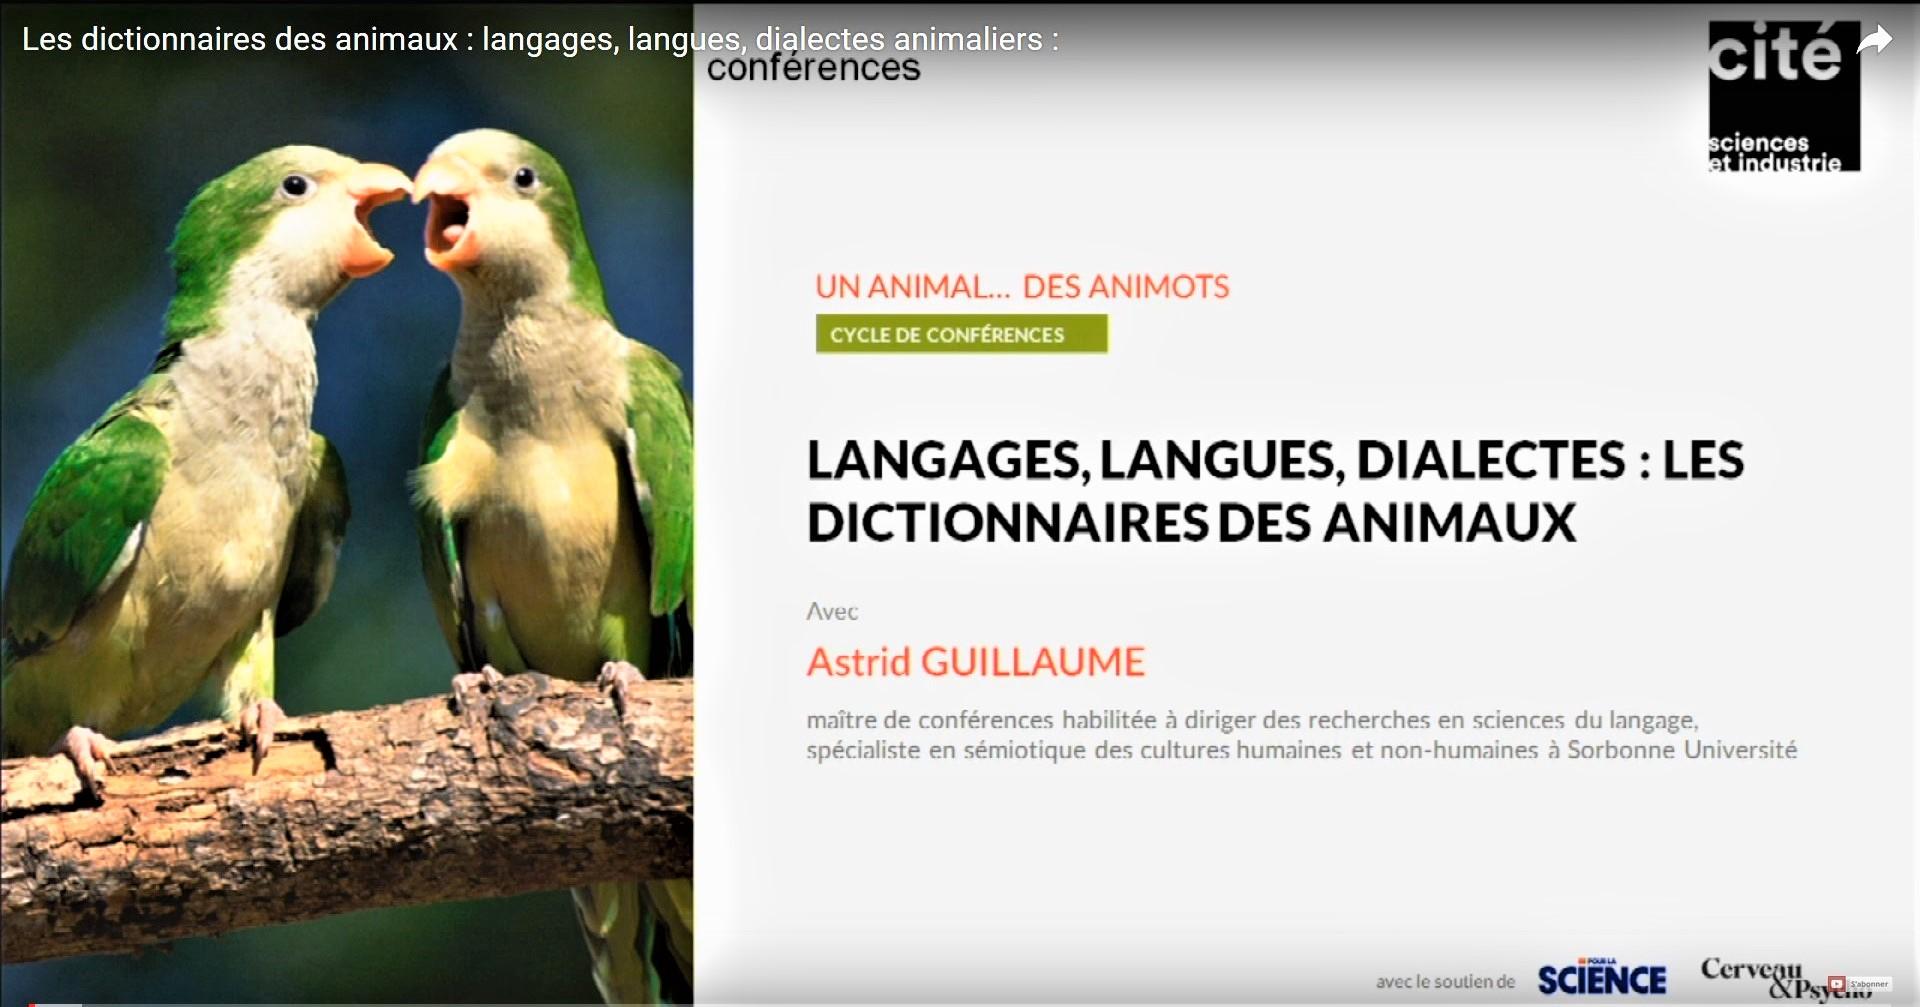 [Vidéo – conf Cité des sciences] Les dictionnaires des animaux: langages, langues et dialectes